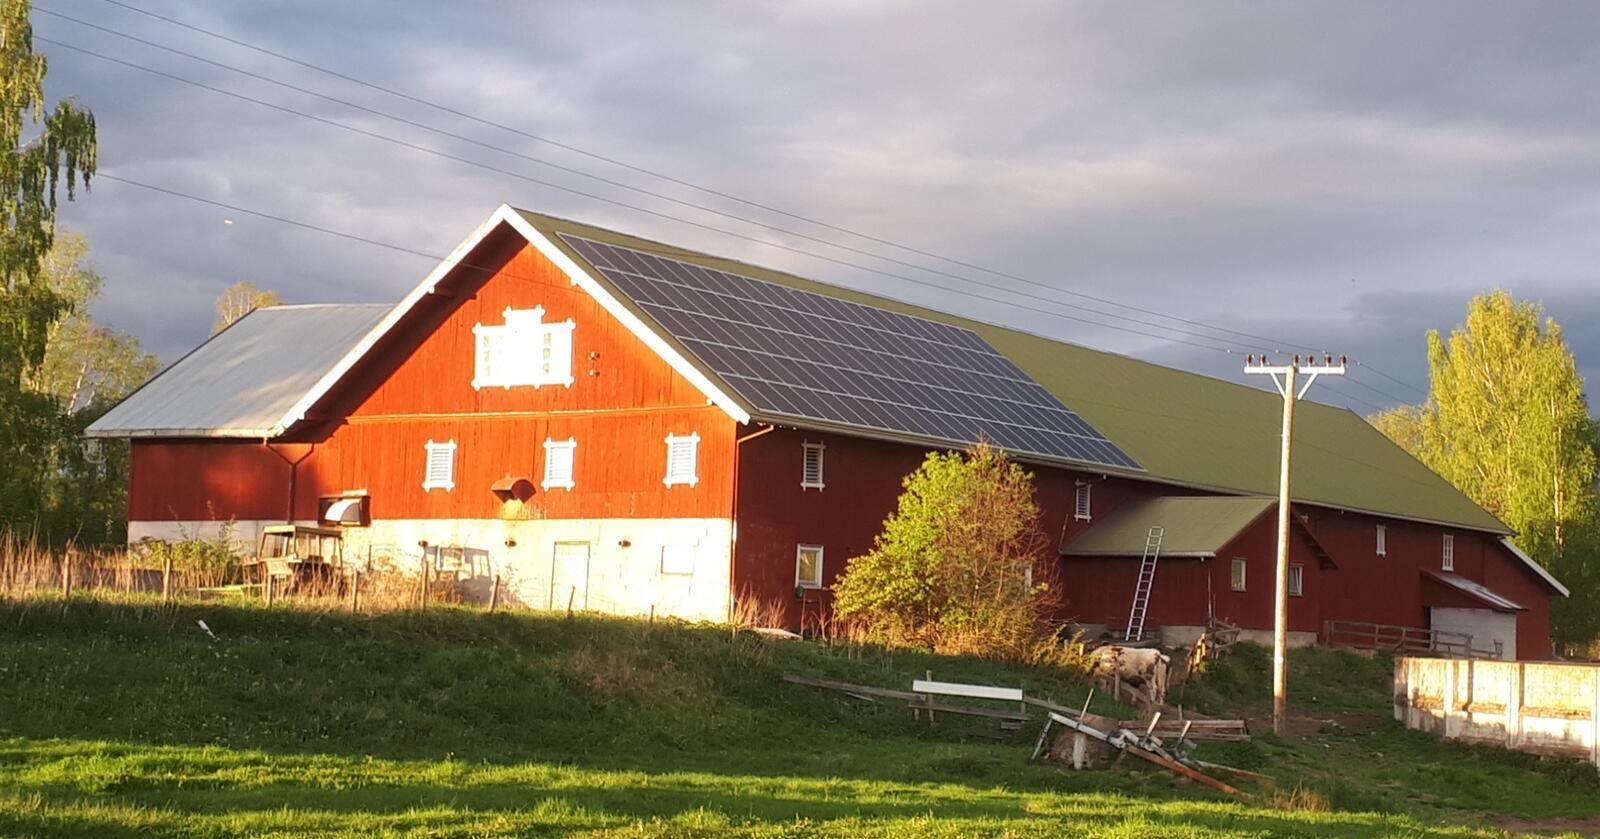 Nå kan NLR hjelpe deg med å se på aktuelle klimatiltak spesielt tilpasset din produksjon. Foto: Karl Daniel Ekker